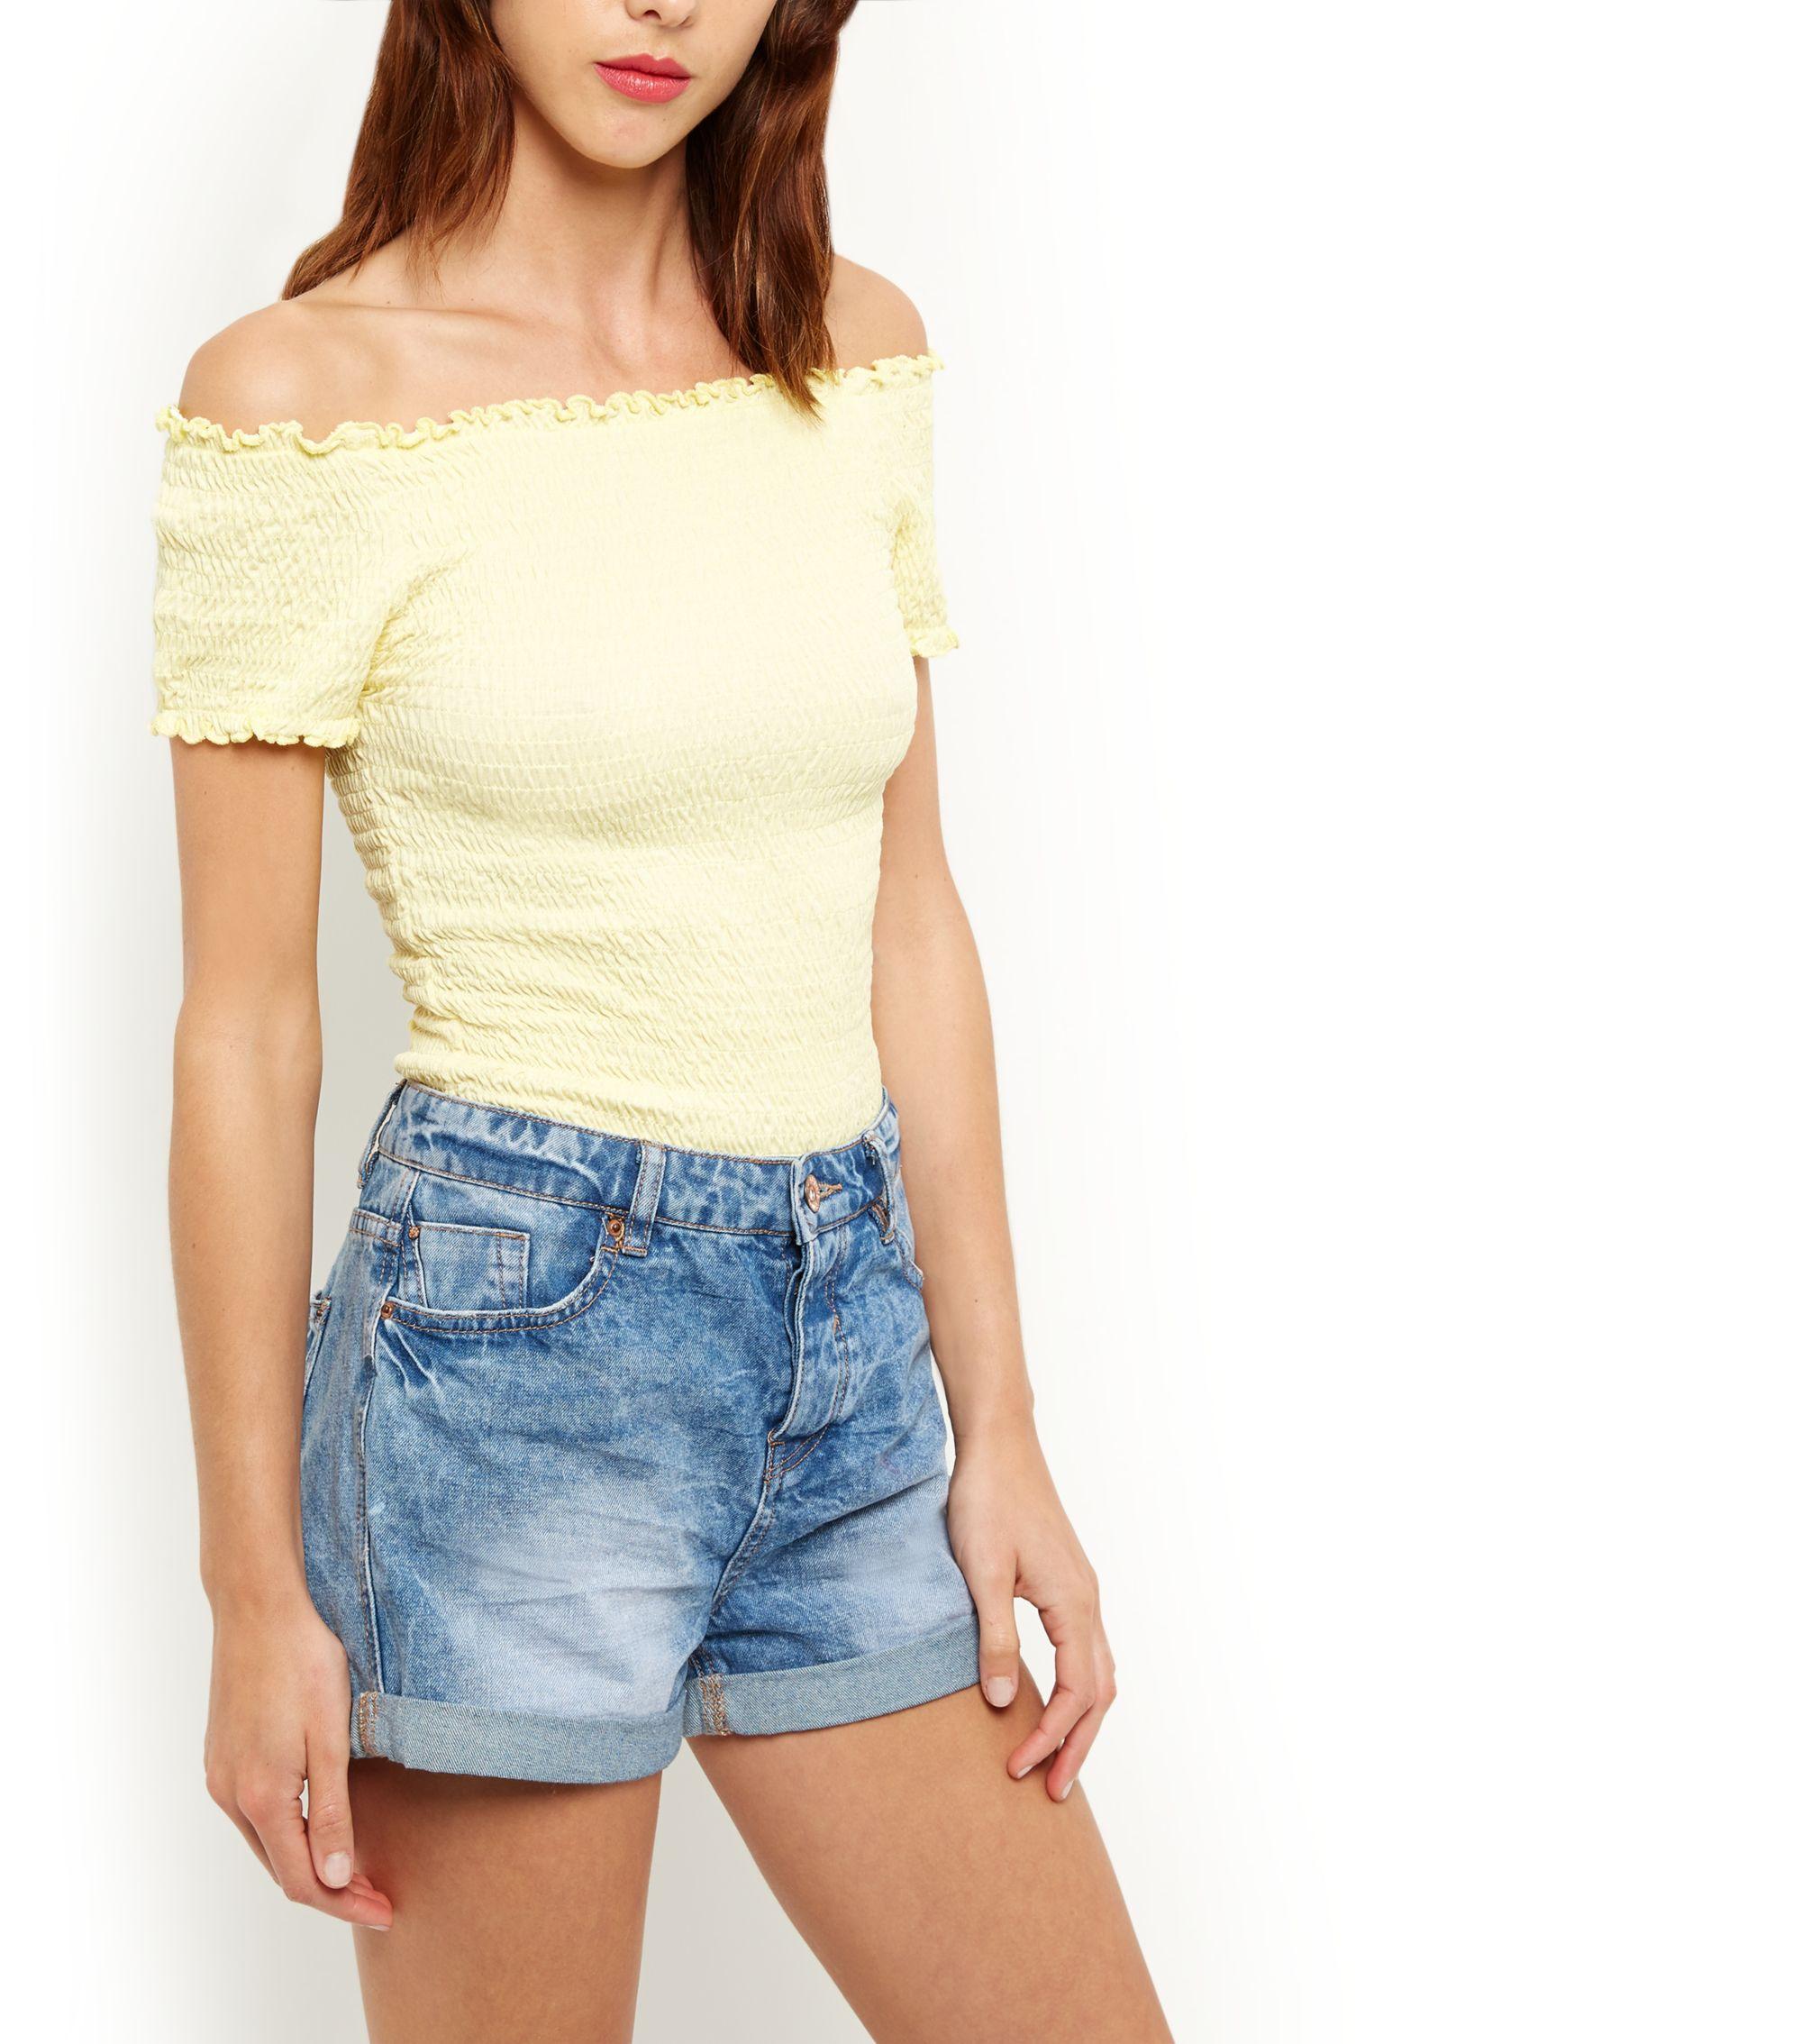 Nieuwe items toegevoegd aan sale @ New Look - (dames)shirts (xs / s) voor €1 (excl.)